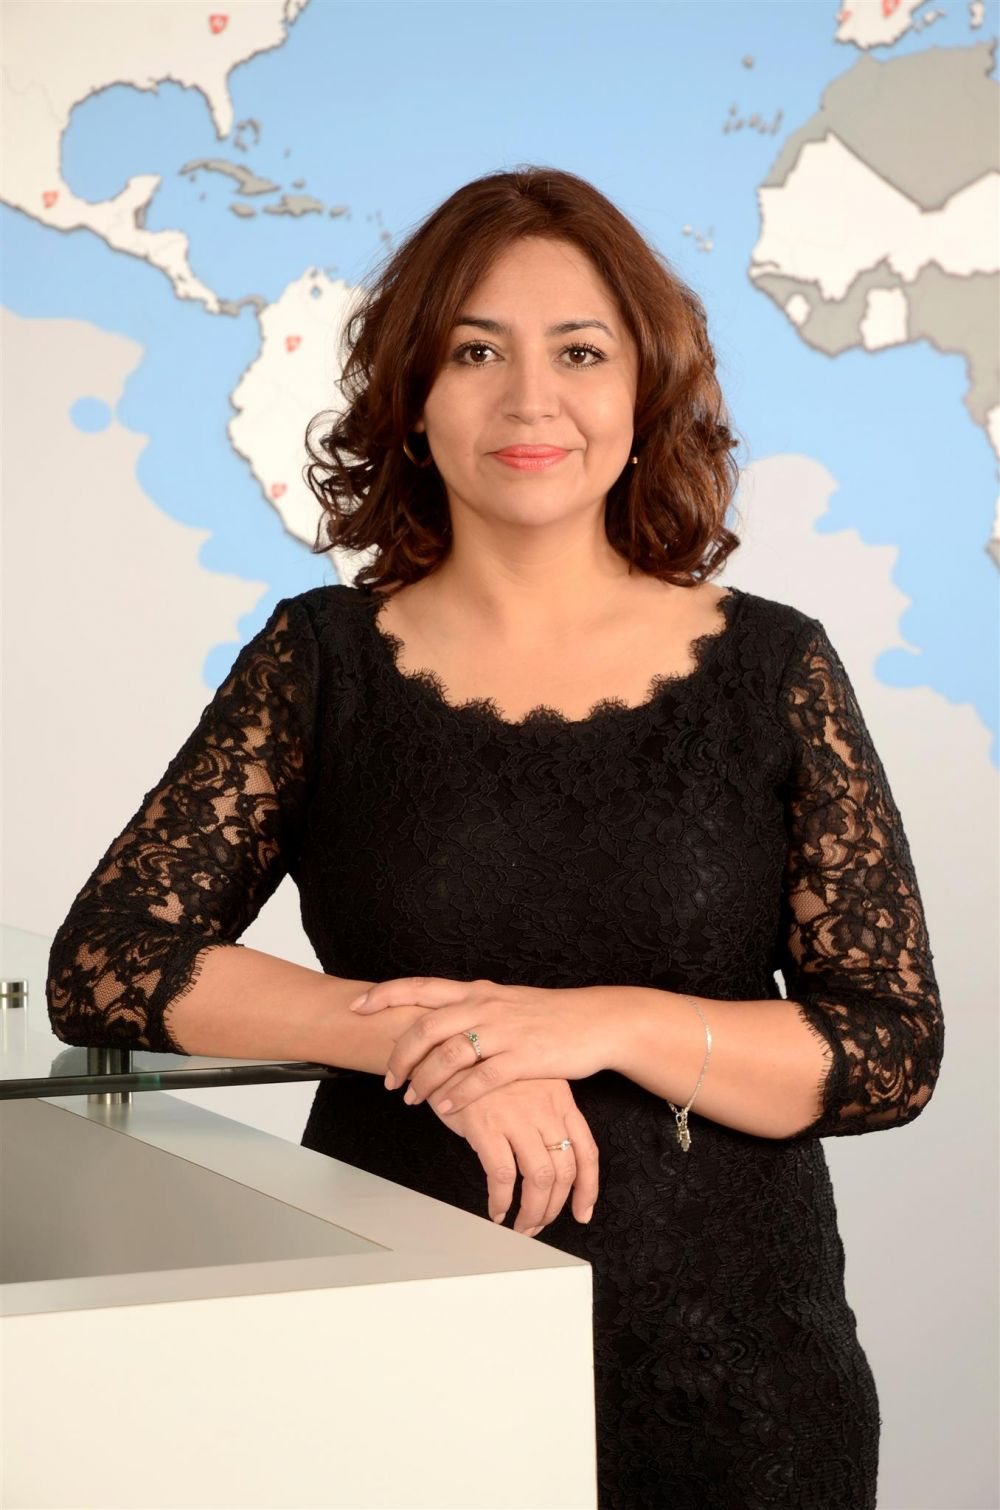 Maribel Cano